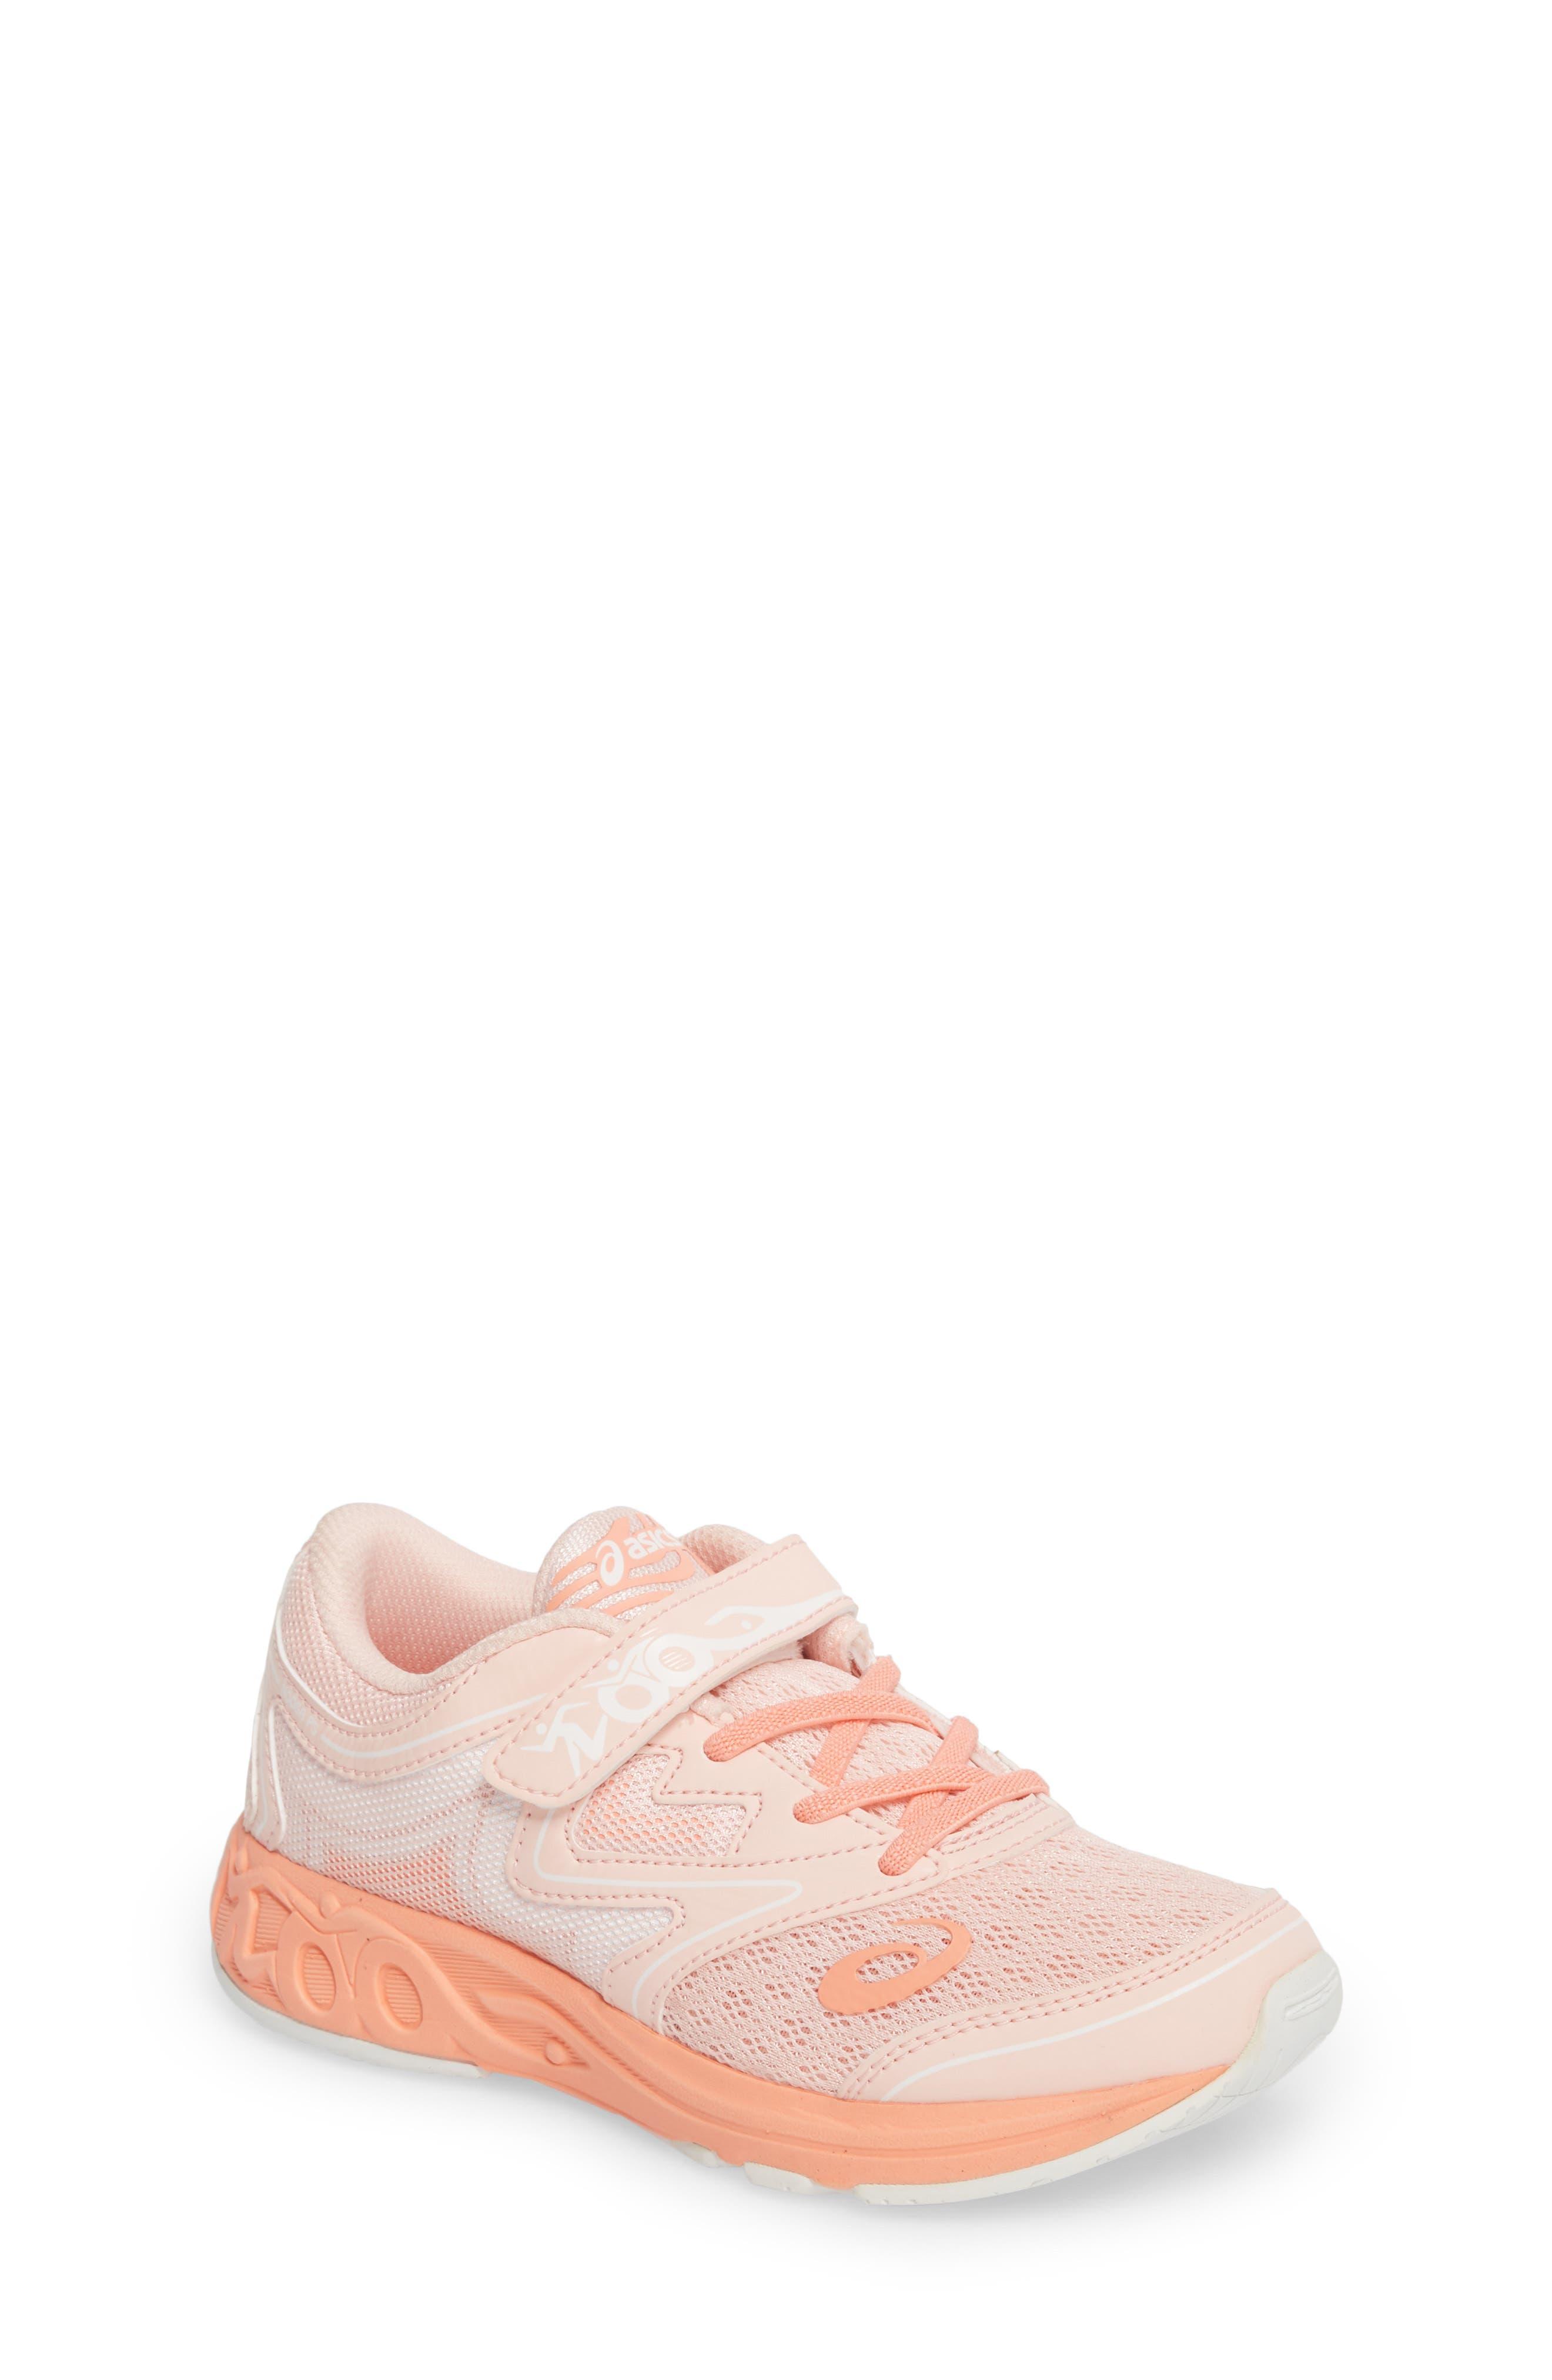 Chaussures 3) ASICS® pour petites filles (tailles (tailles 3) petites | de3d8cc - kyomin.website